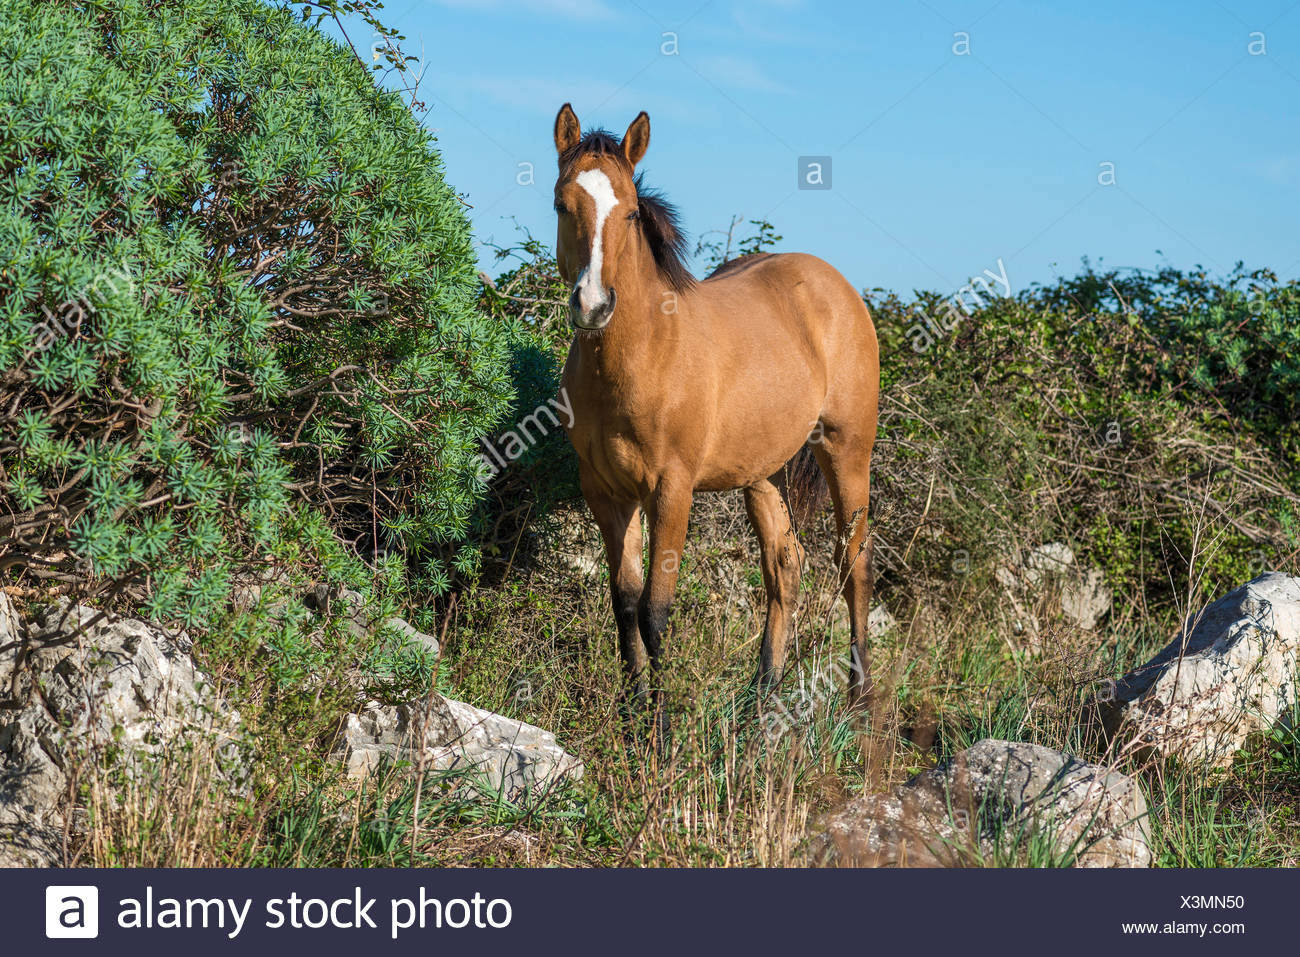 Cheval, mare debout sur terrain rocailleux, Parco delle Madonie, Parc Naturel Régional des Madonie, près de Collesano, Province de Palerme Photo Stock